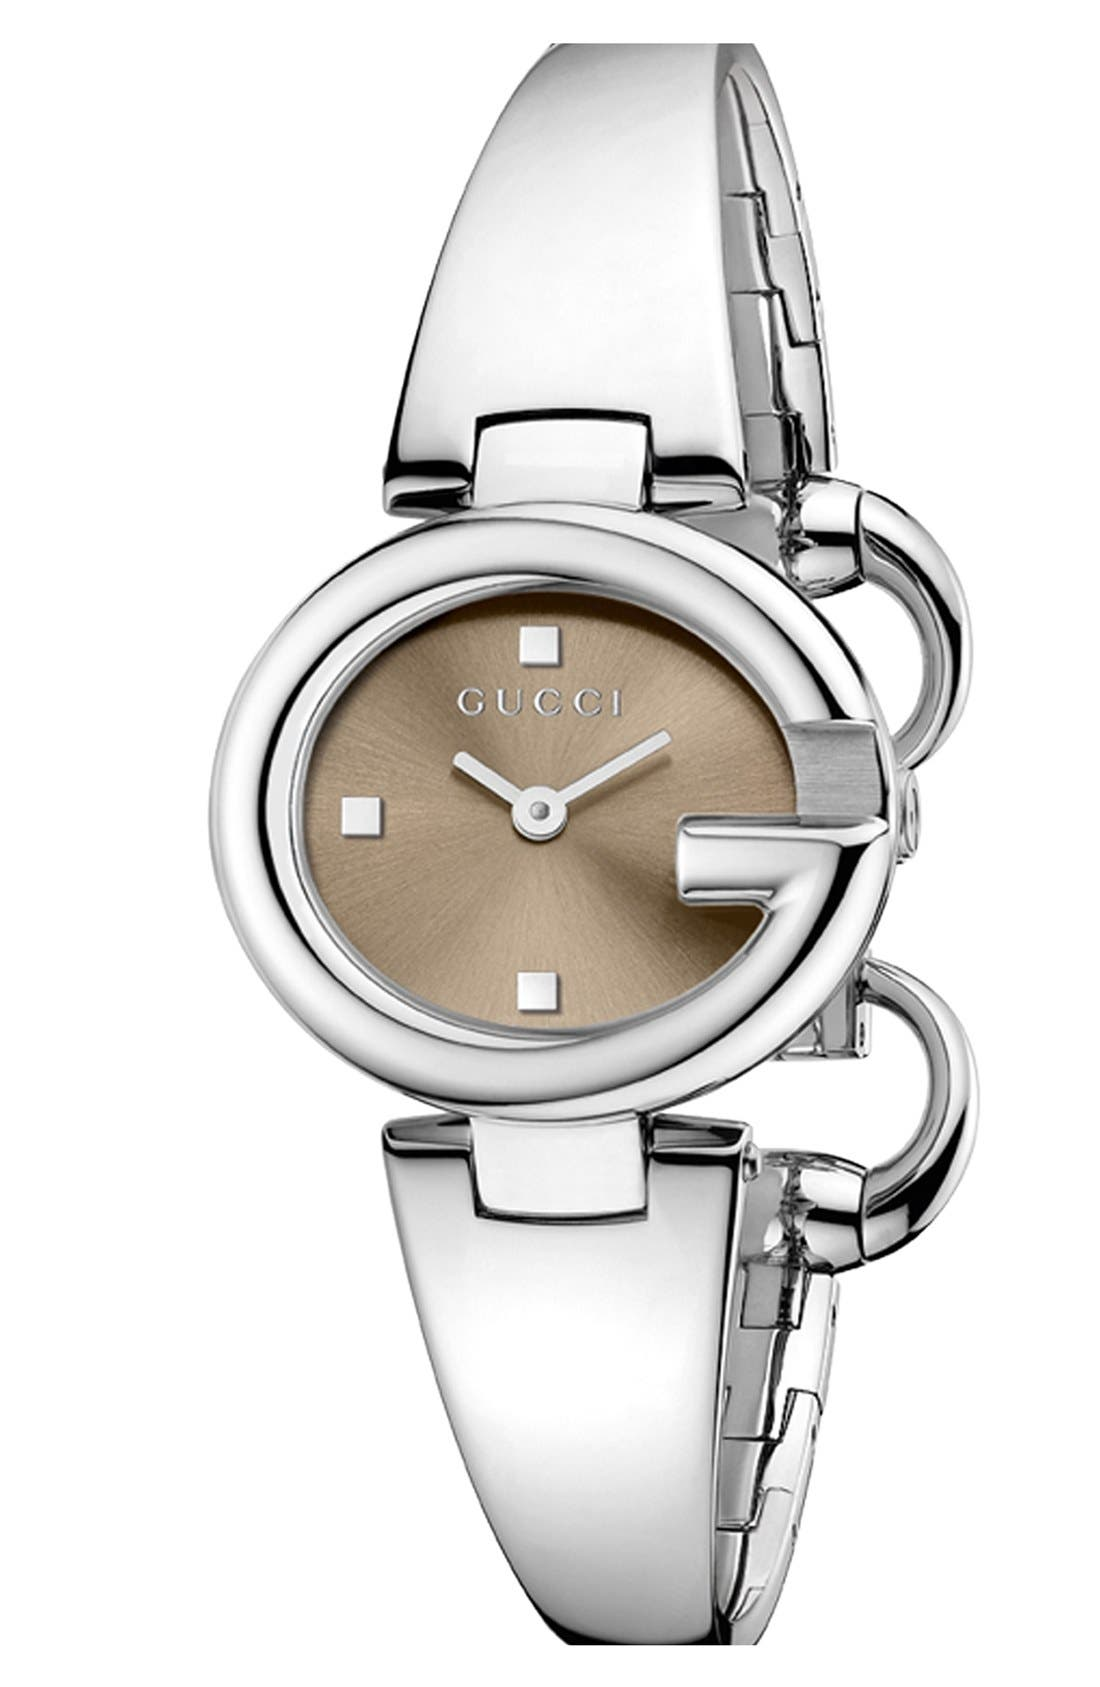 Main Image - Gucci 'Guccissima' Bangle Watch, 27mm